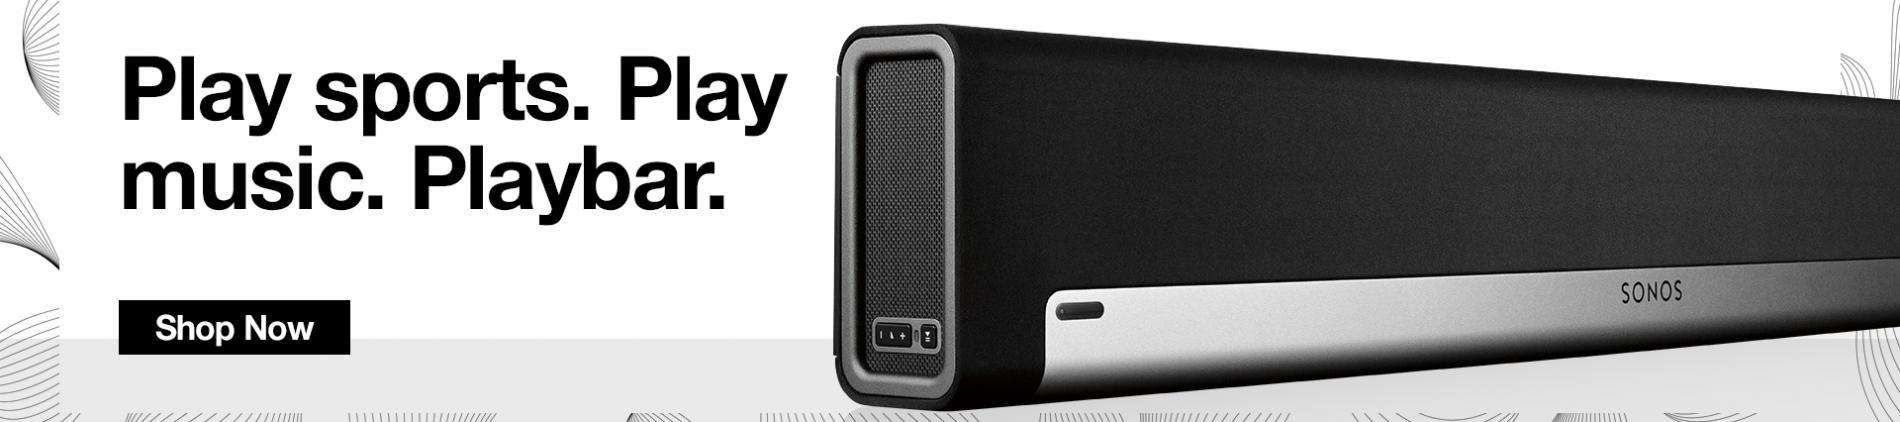 Sonos, Playbar, home audio